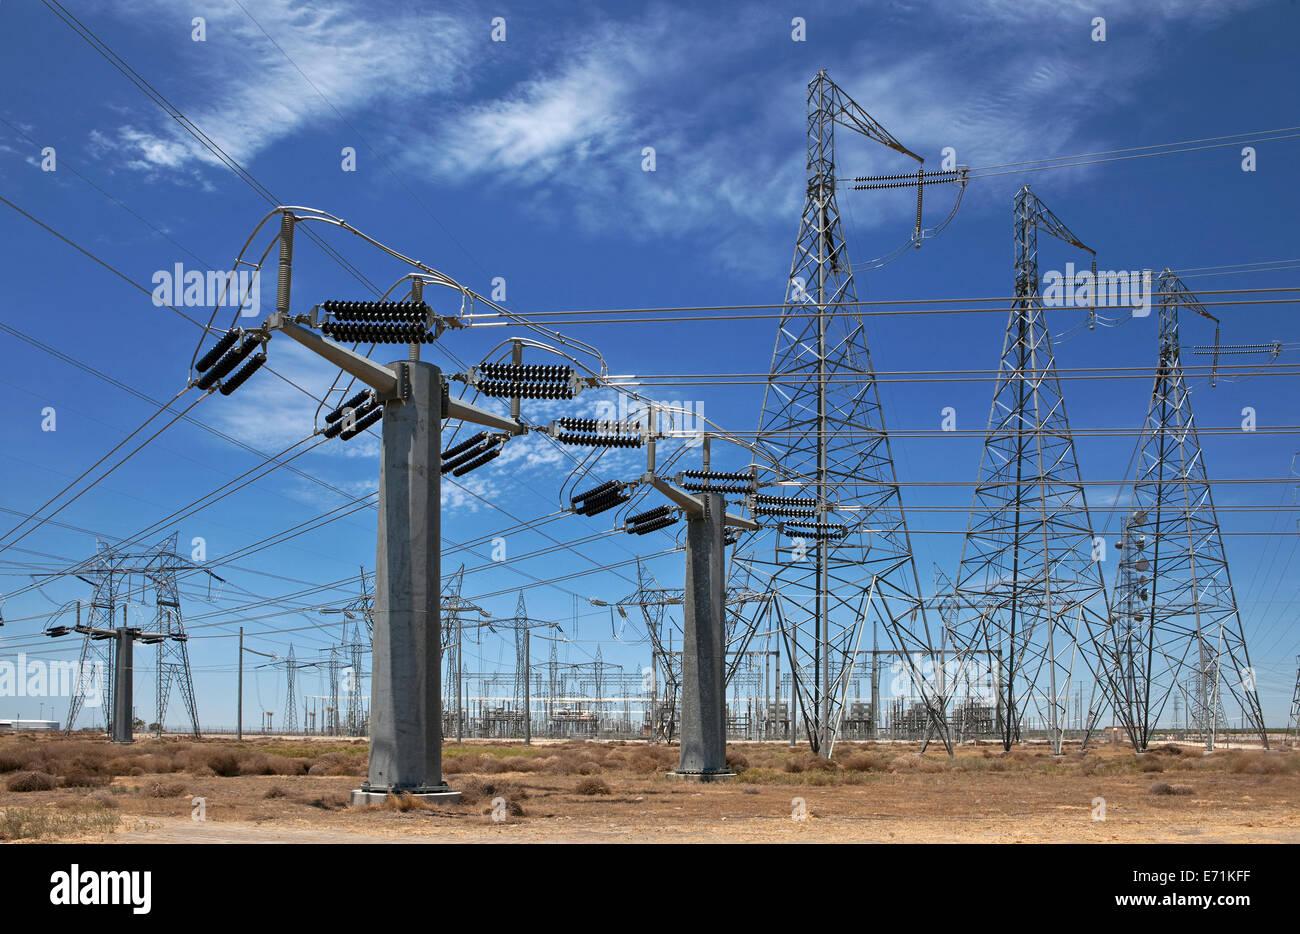 Ein Umspannwerk ist ein Teil von einem elektrischen Erzeugung, Übertragung und Verteilung System. Stockbild